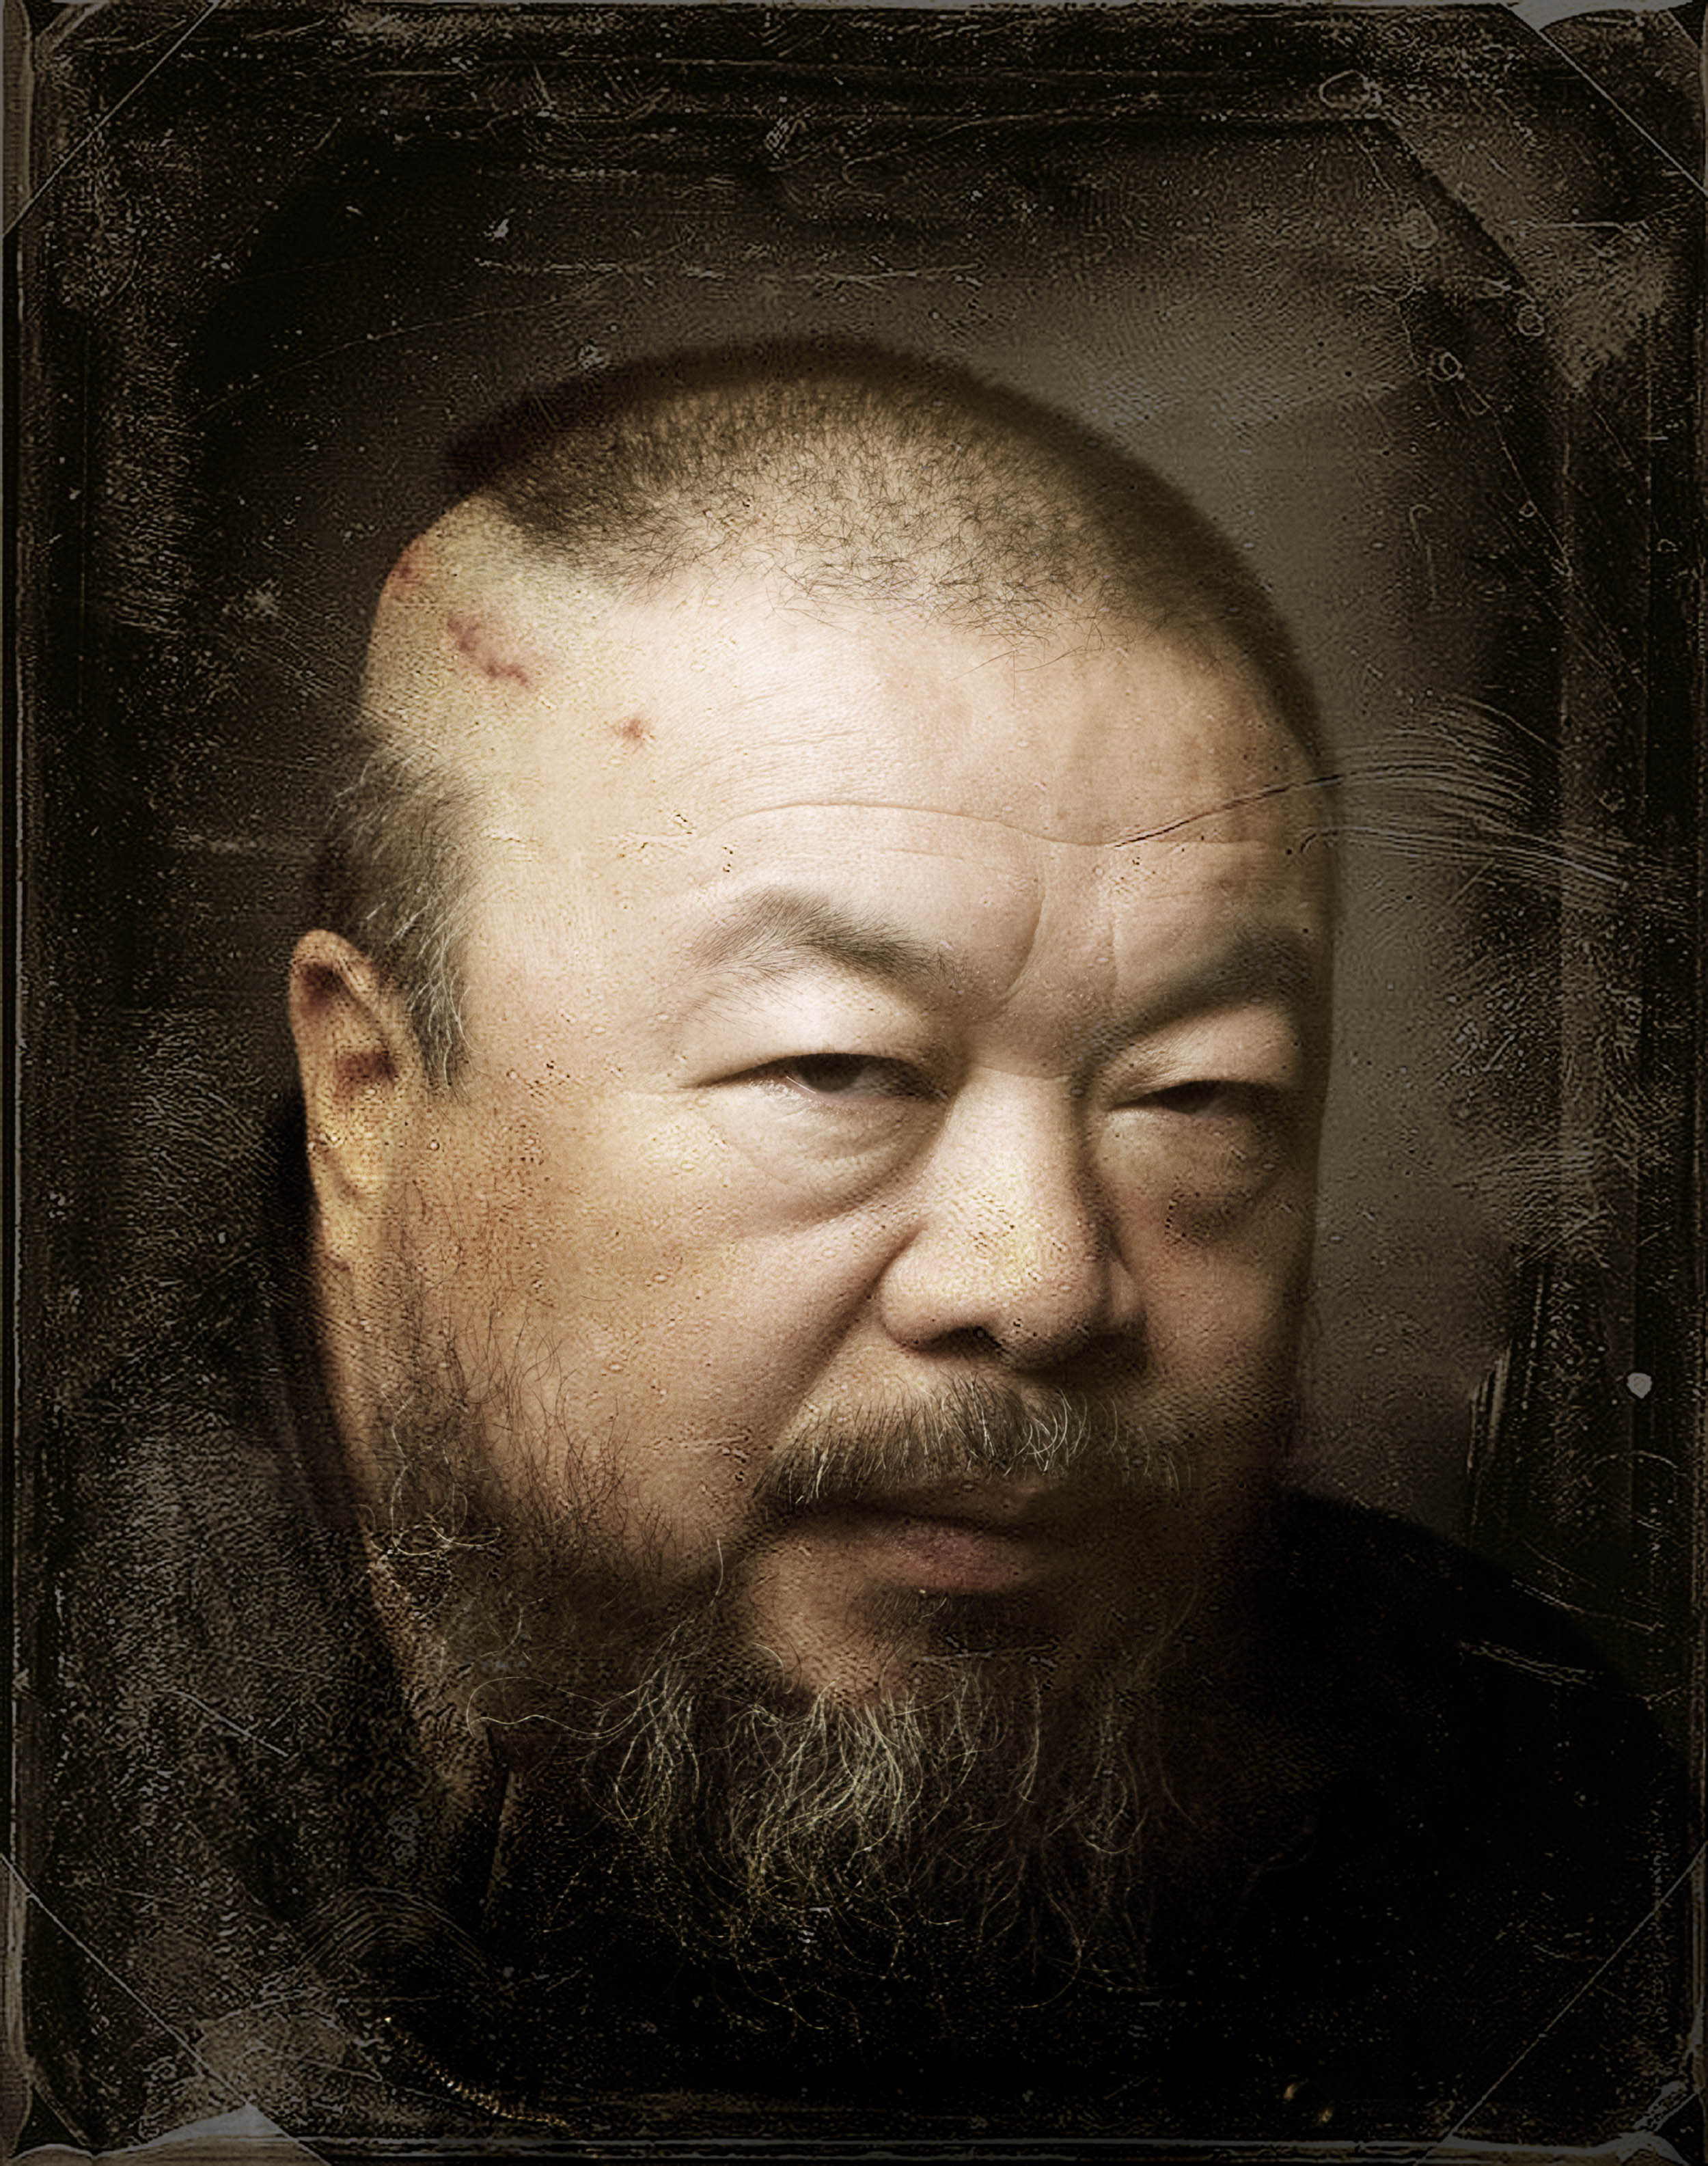 Ai Weiwei. © Ai Weiwei.